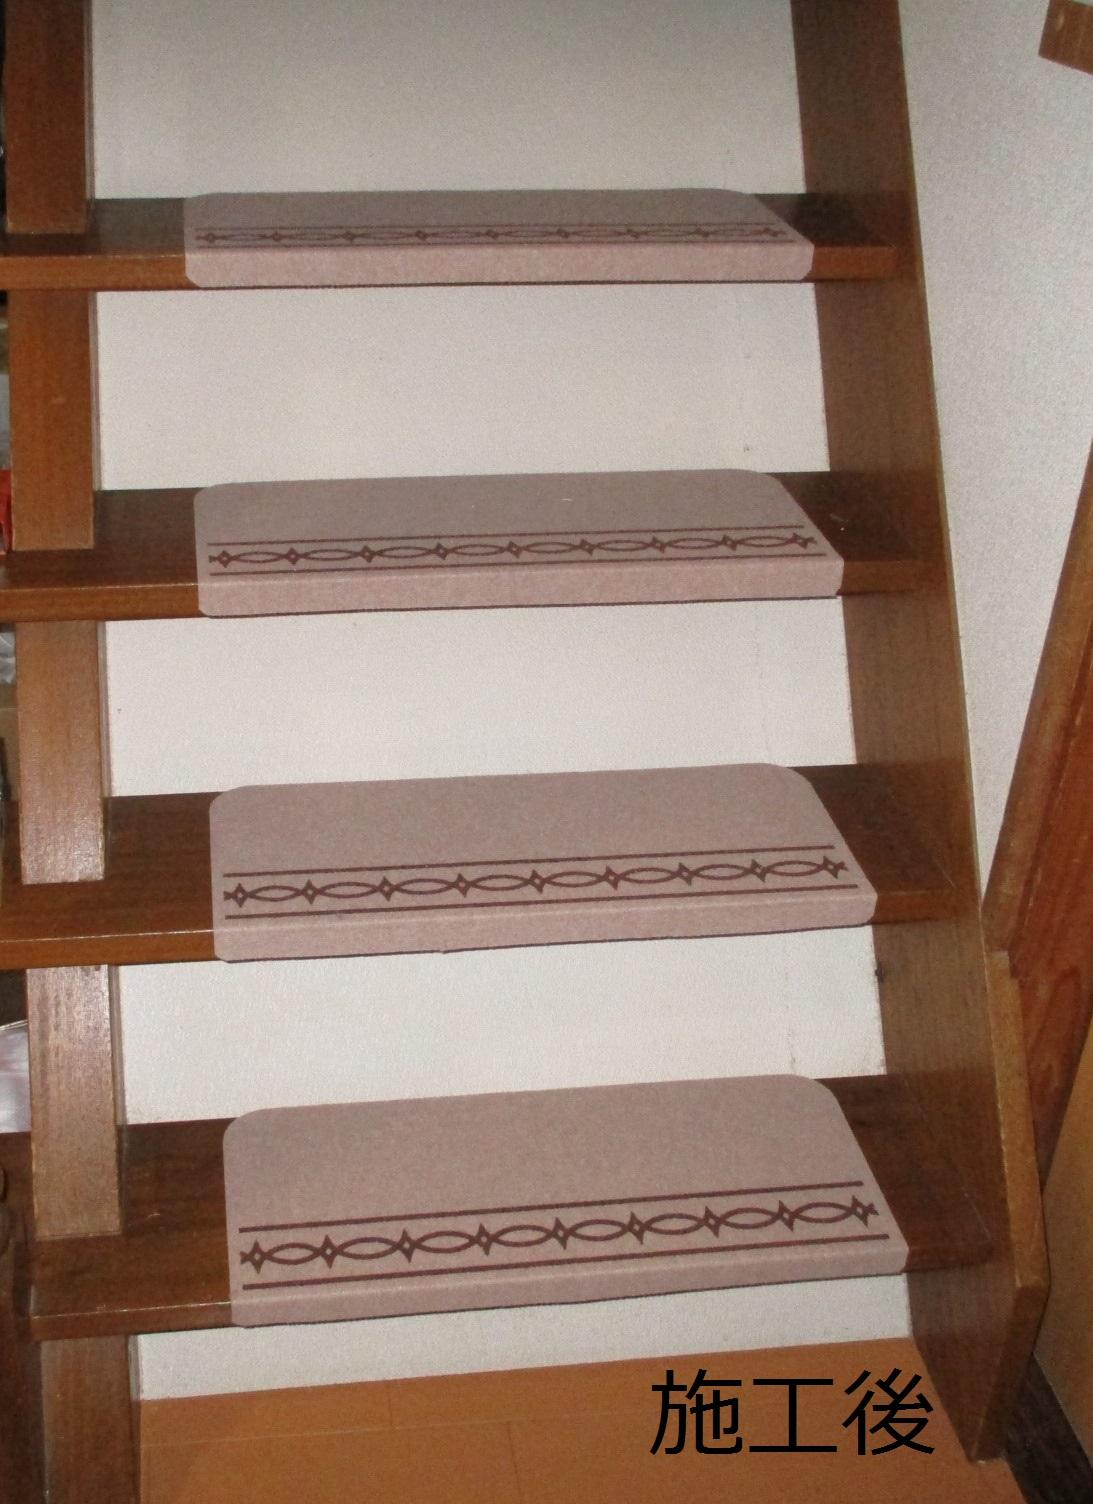 宝塚市 階段手摺・段差解消スロープ設置工事イメージ02